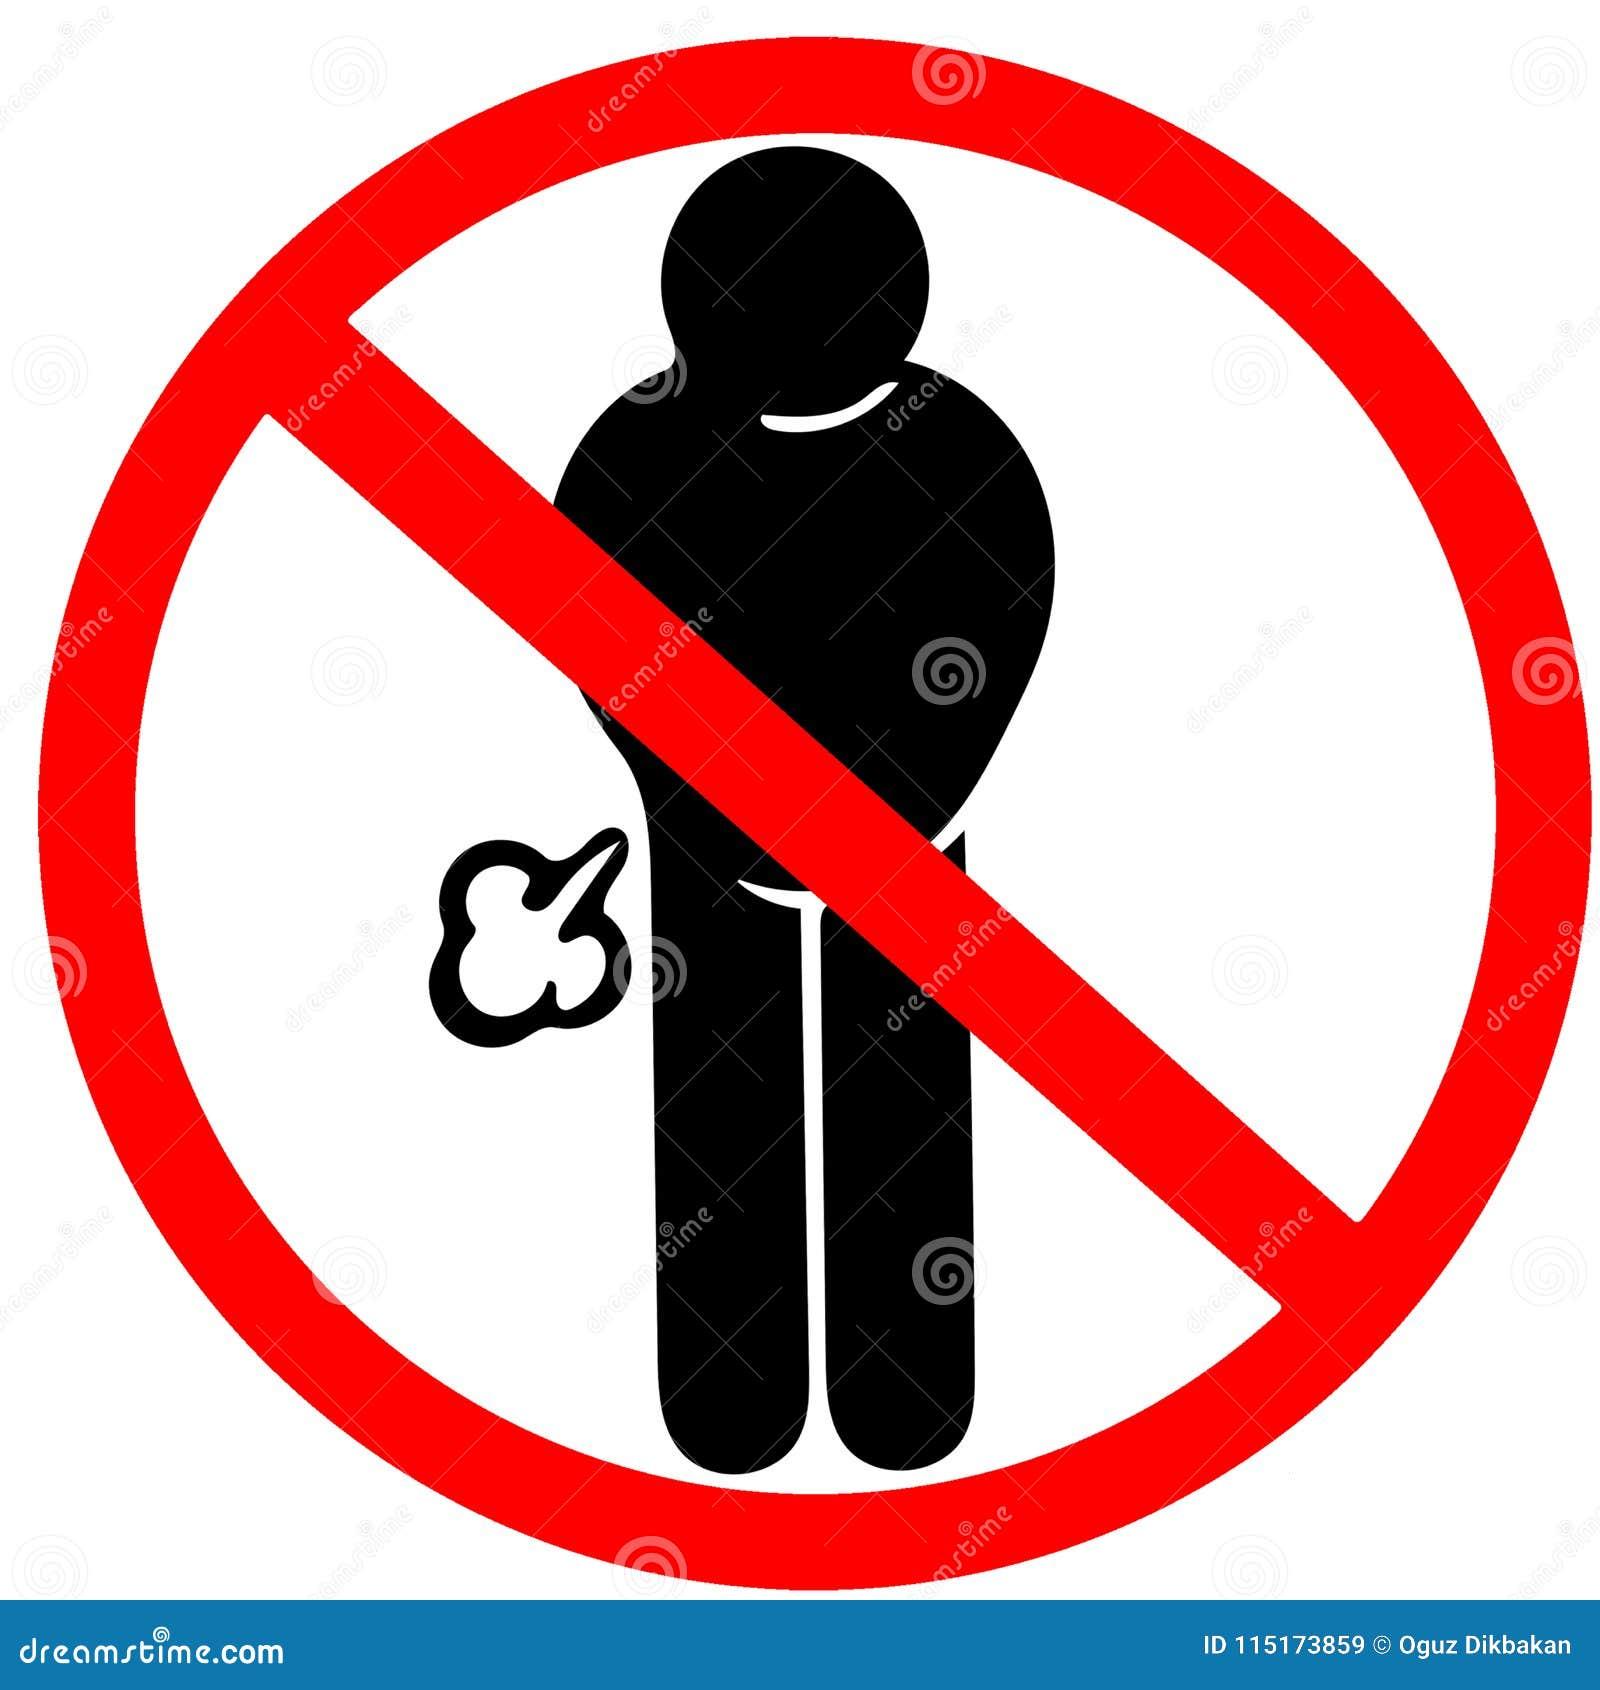 Lebensmittel verursacht möglicherweise nicht Gas farting verboten, Verkehrsschild zu warnen der rote Kreis, der auf Weiß lokalisi